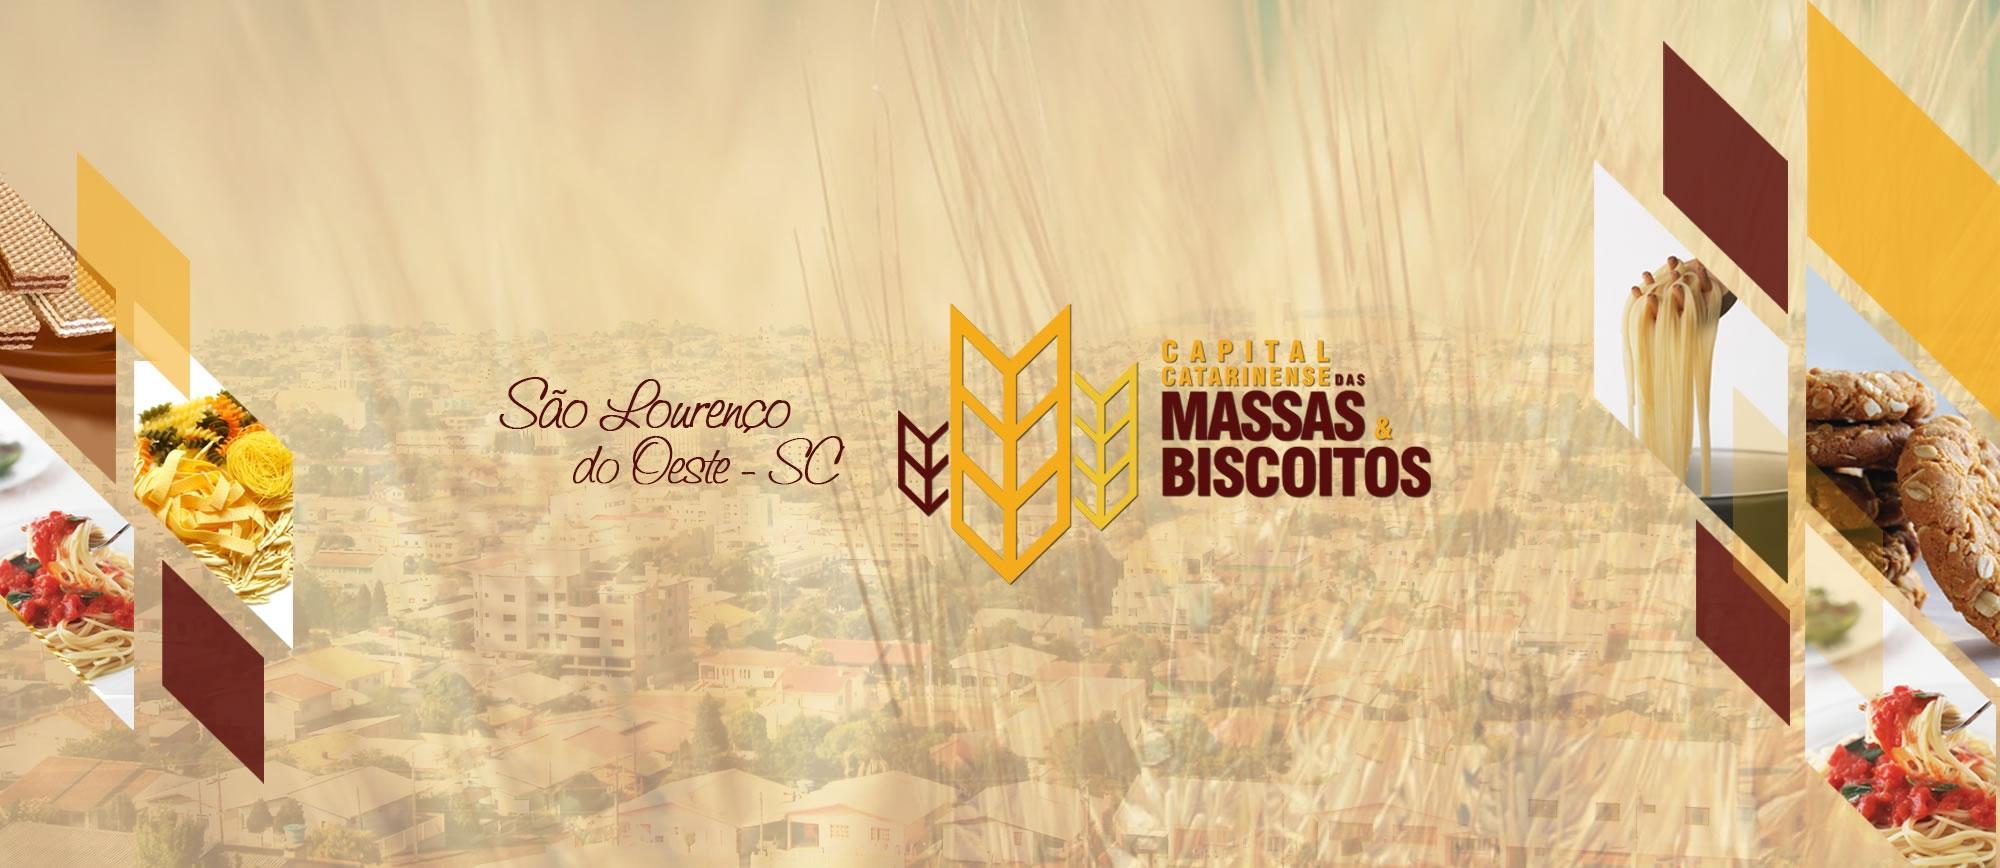 S�o Louren�o do Oeste - Capital Catarinense das Massas e Biscoitos